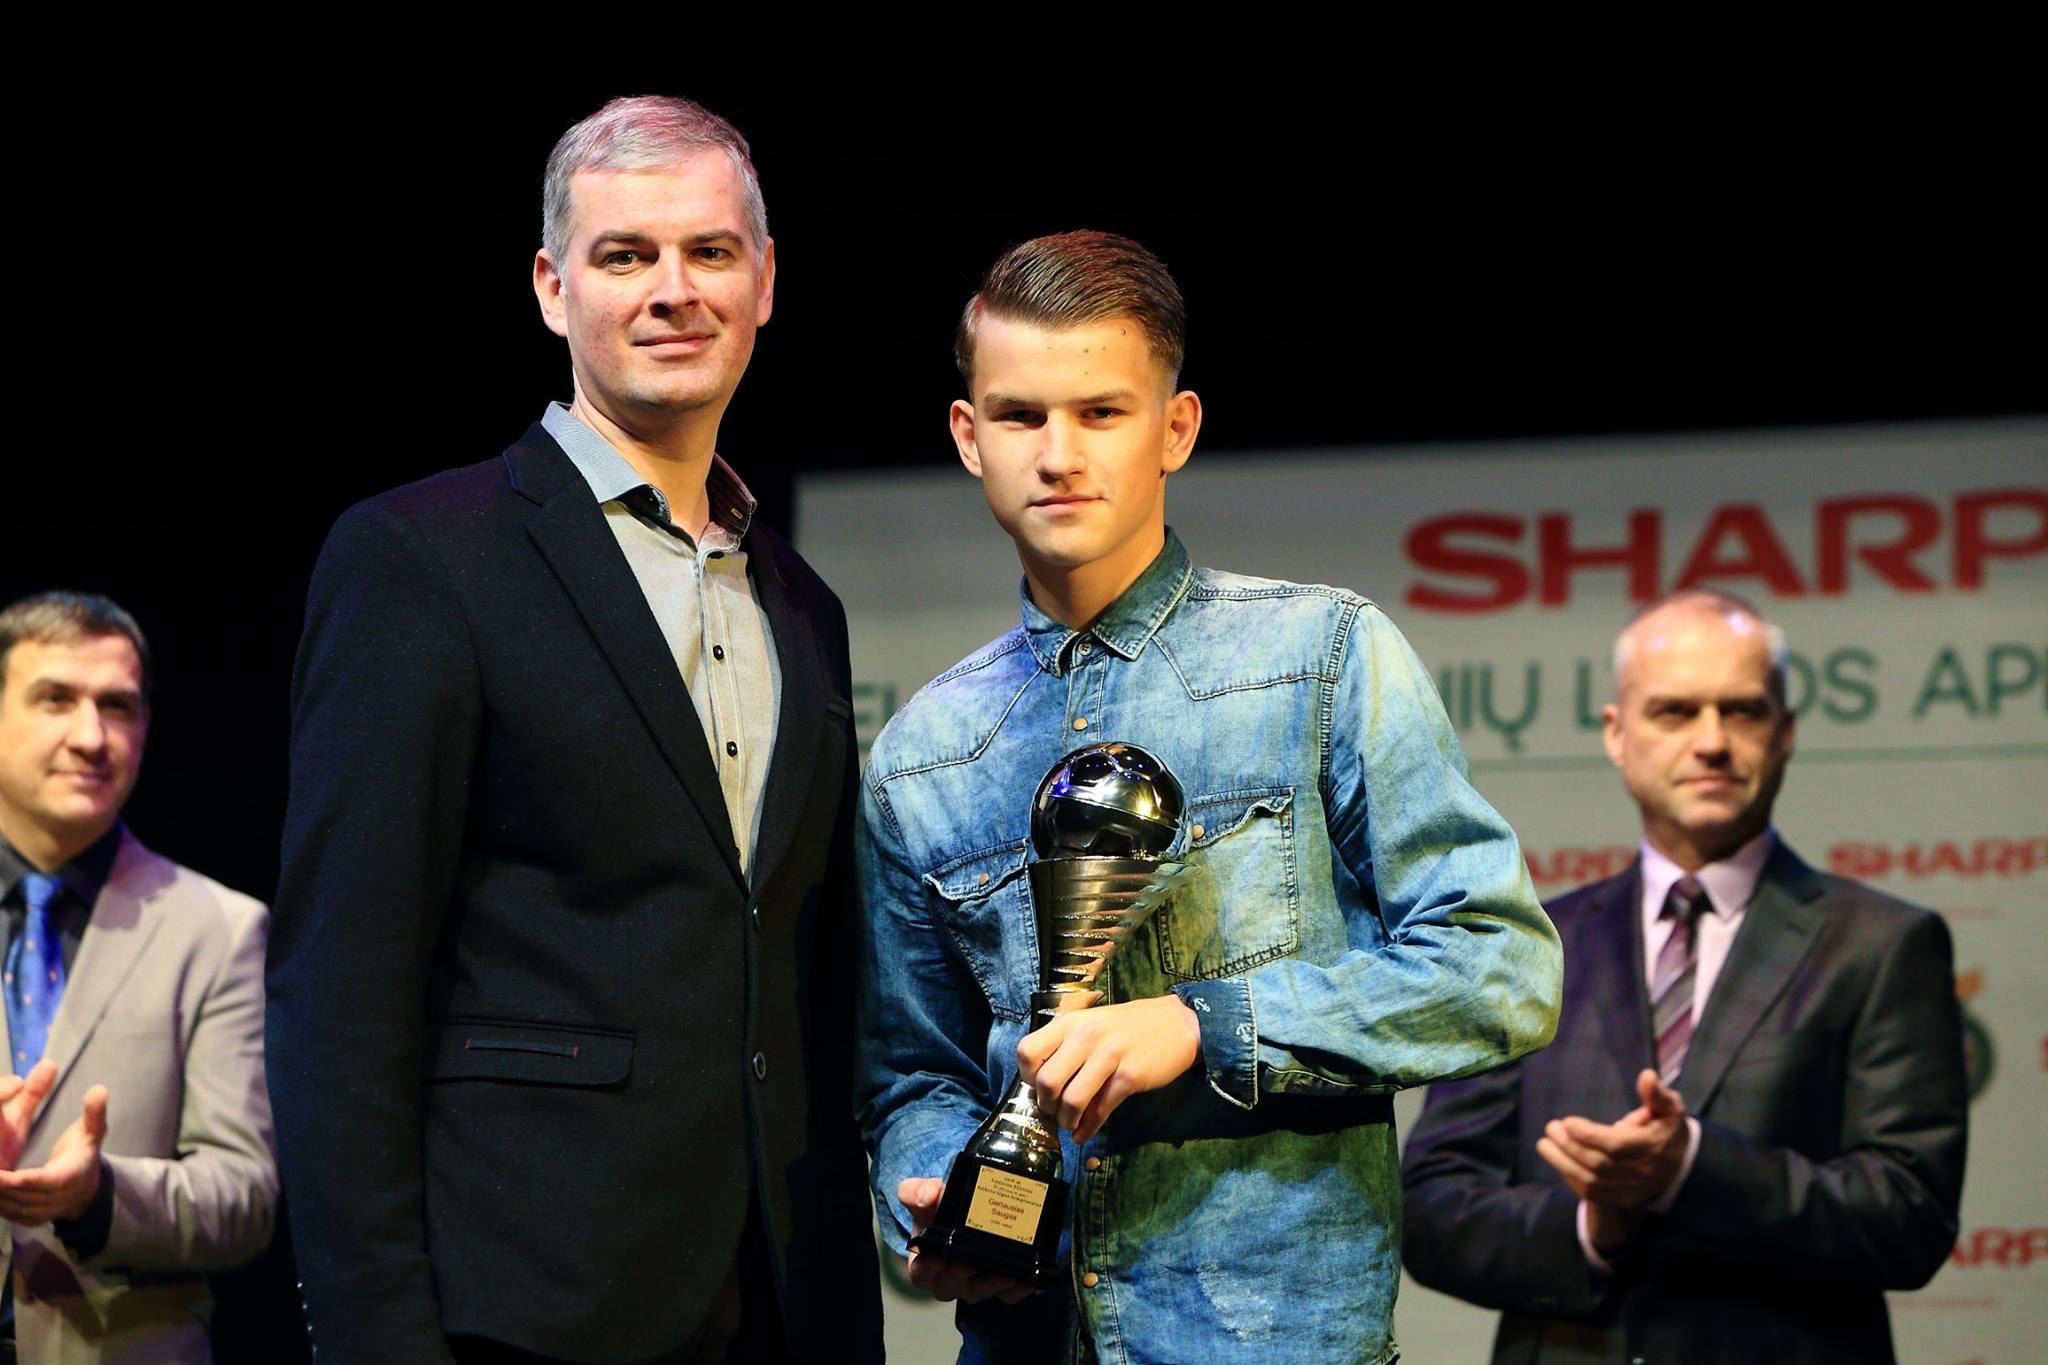 Rezultatyviausias elitinės U-17 futbolo lygos žaidėjas, geriausiu šio čempionato saugu pripažintas dainaviškis Renatas Banevičius